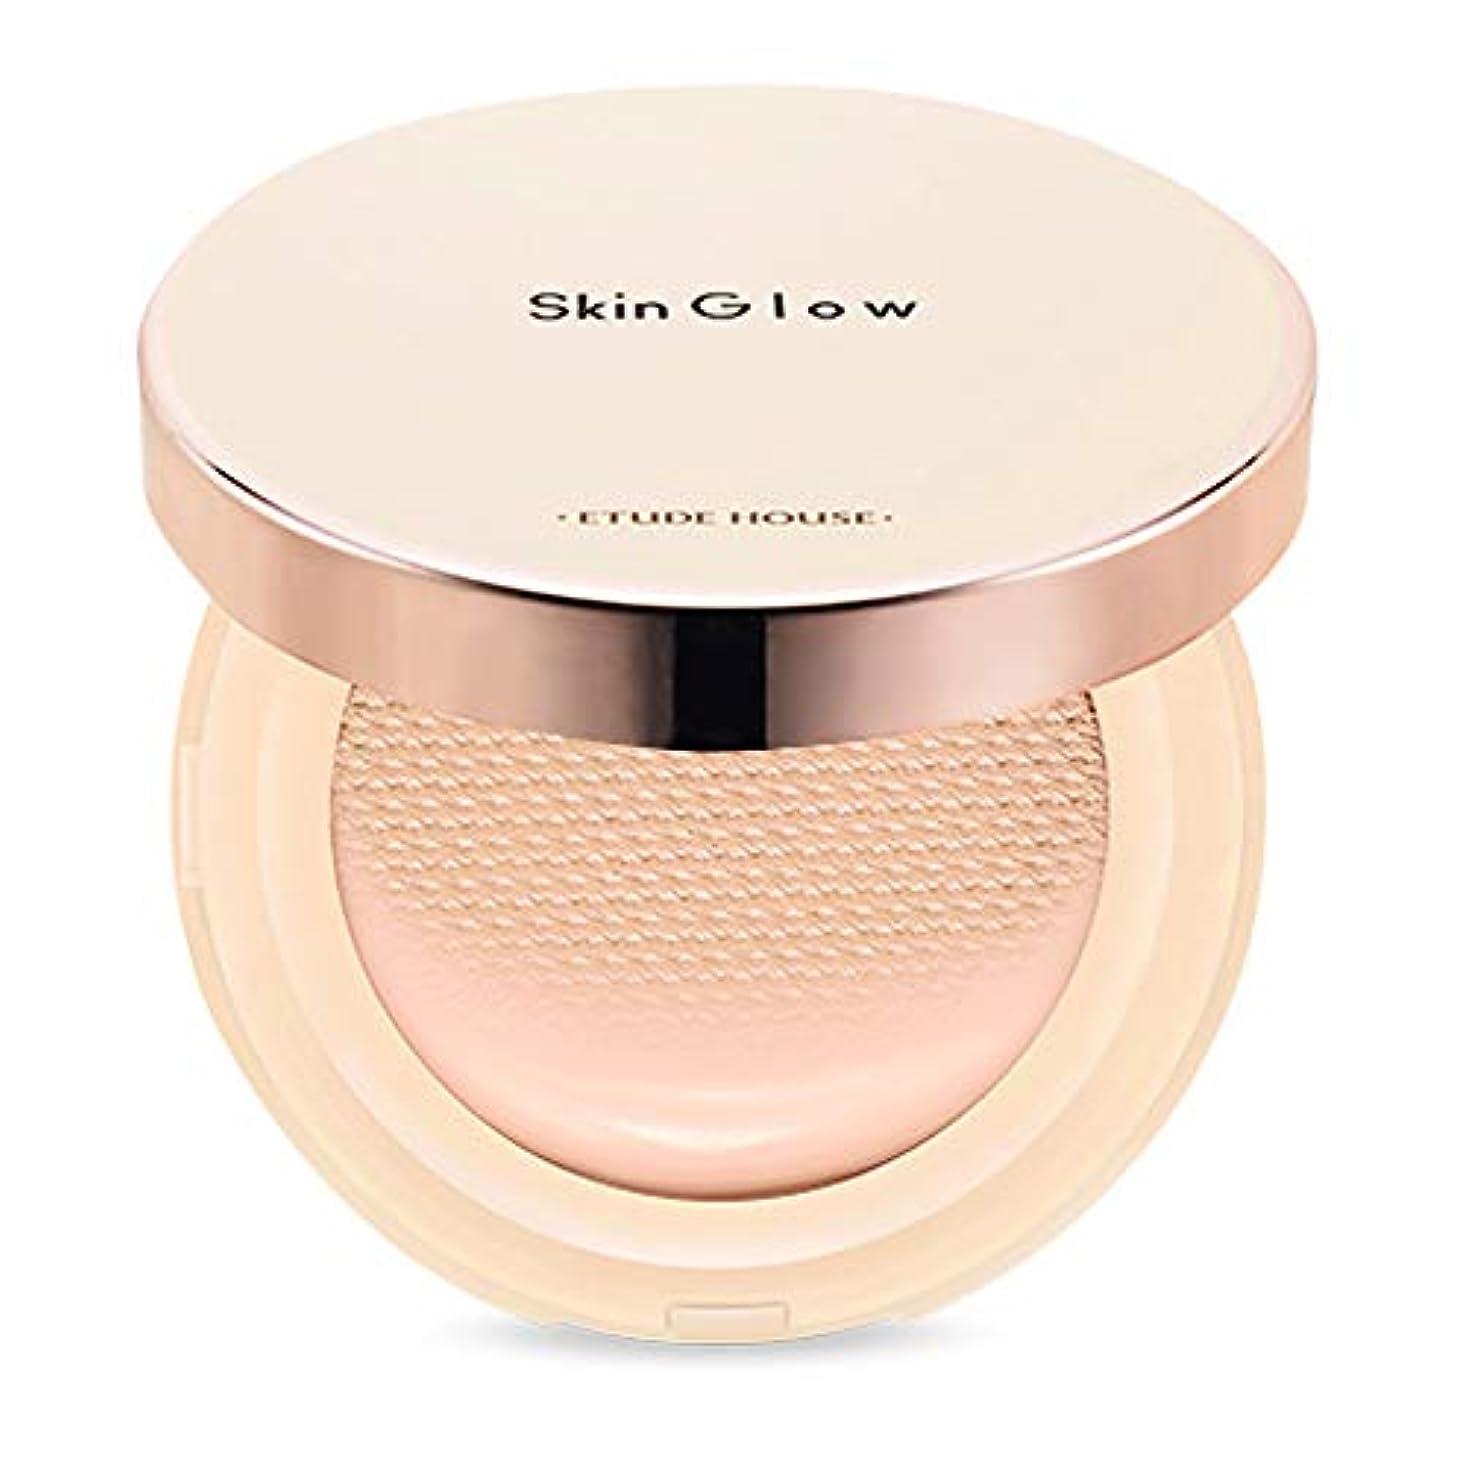 楽しいカメパーツEtude House Skin Glow Essence Cushion SPF50+/PA++++ エチュードハウス スキン グロー エッセンス クッション (# P03 Light Vanilla) [並行輸入品]